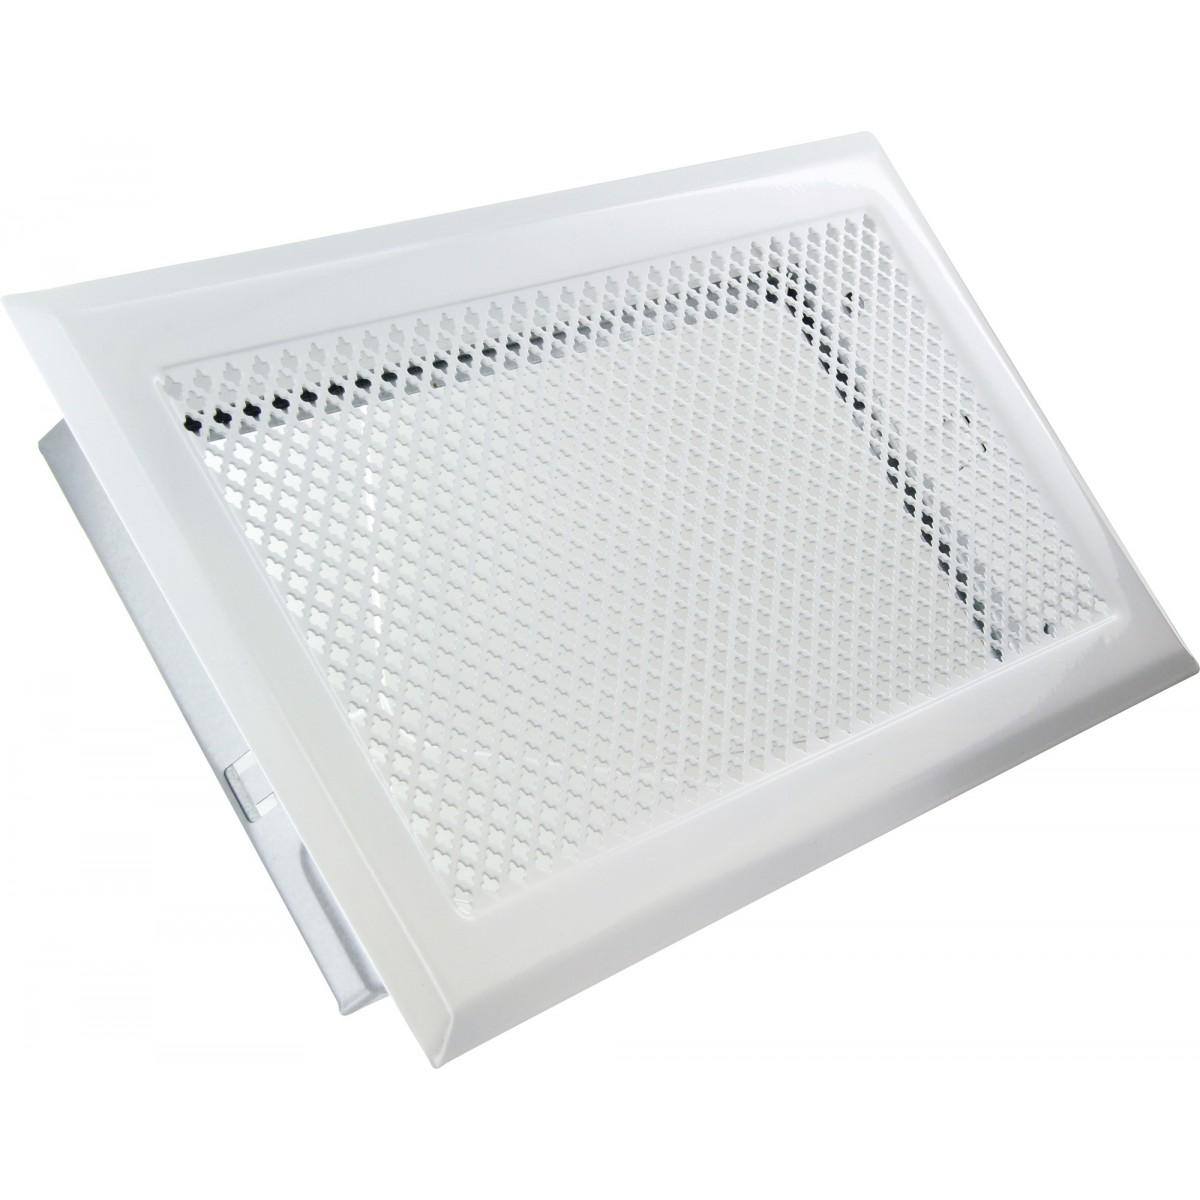 grille de chemin e avec pr cadre dmo blanc dimensions 345 x 195 mm de grille de chemin e. Black Bedroom Furniture Sets. Home Design Ideas